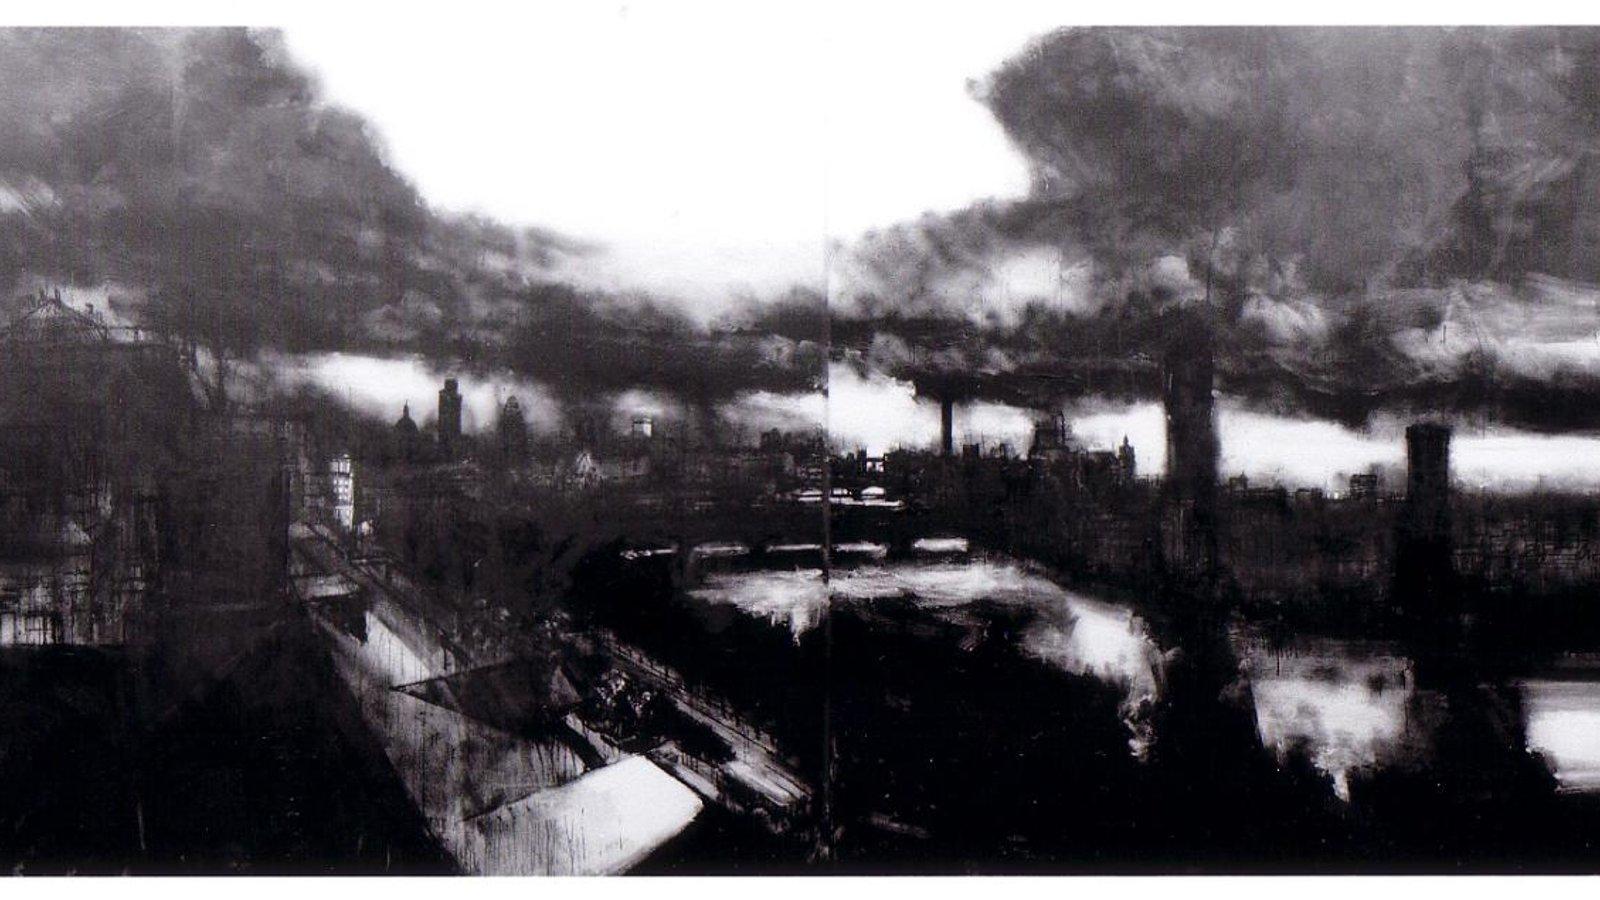 John Virtue: London - A Landscape Painter in London